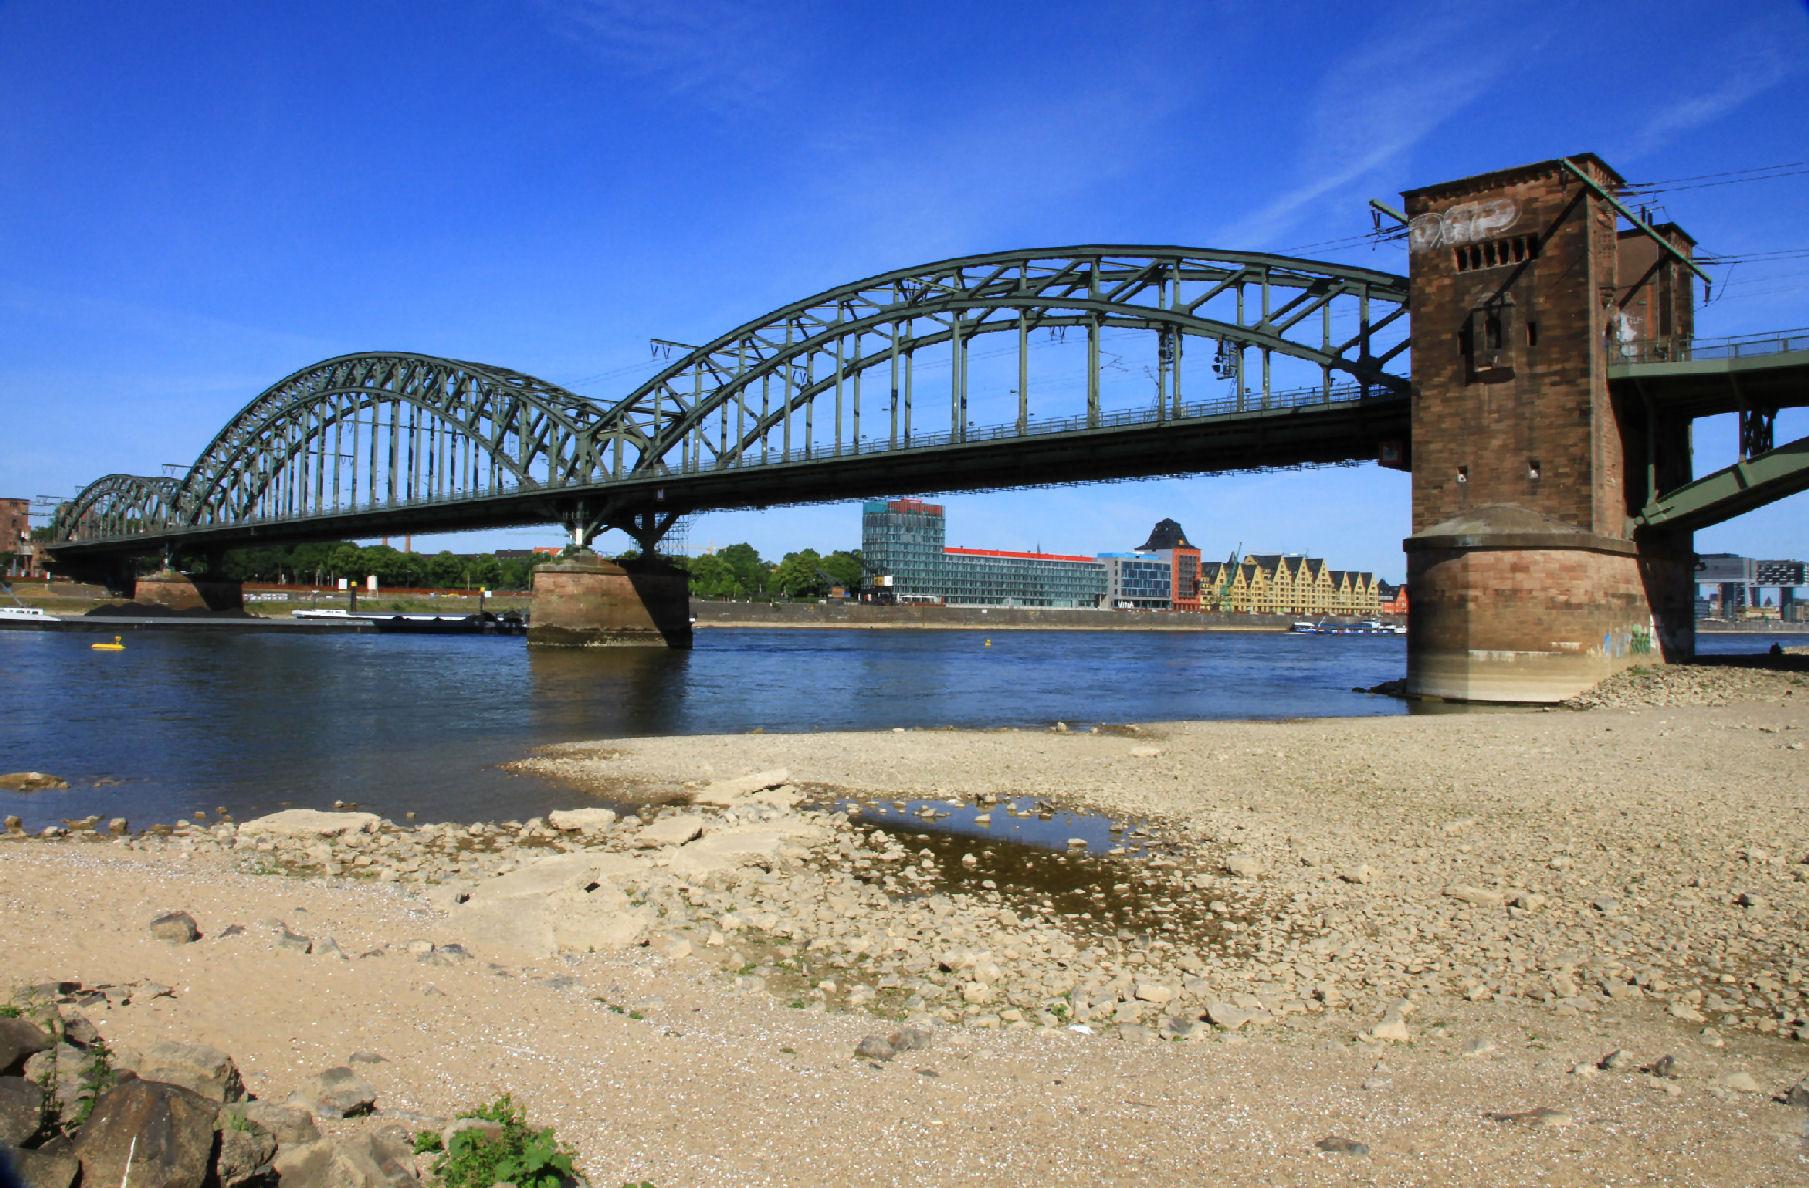 Niedrigwasser am Rhein.